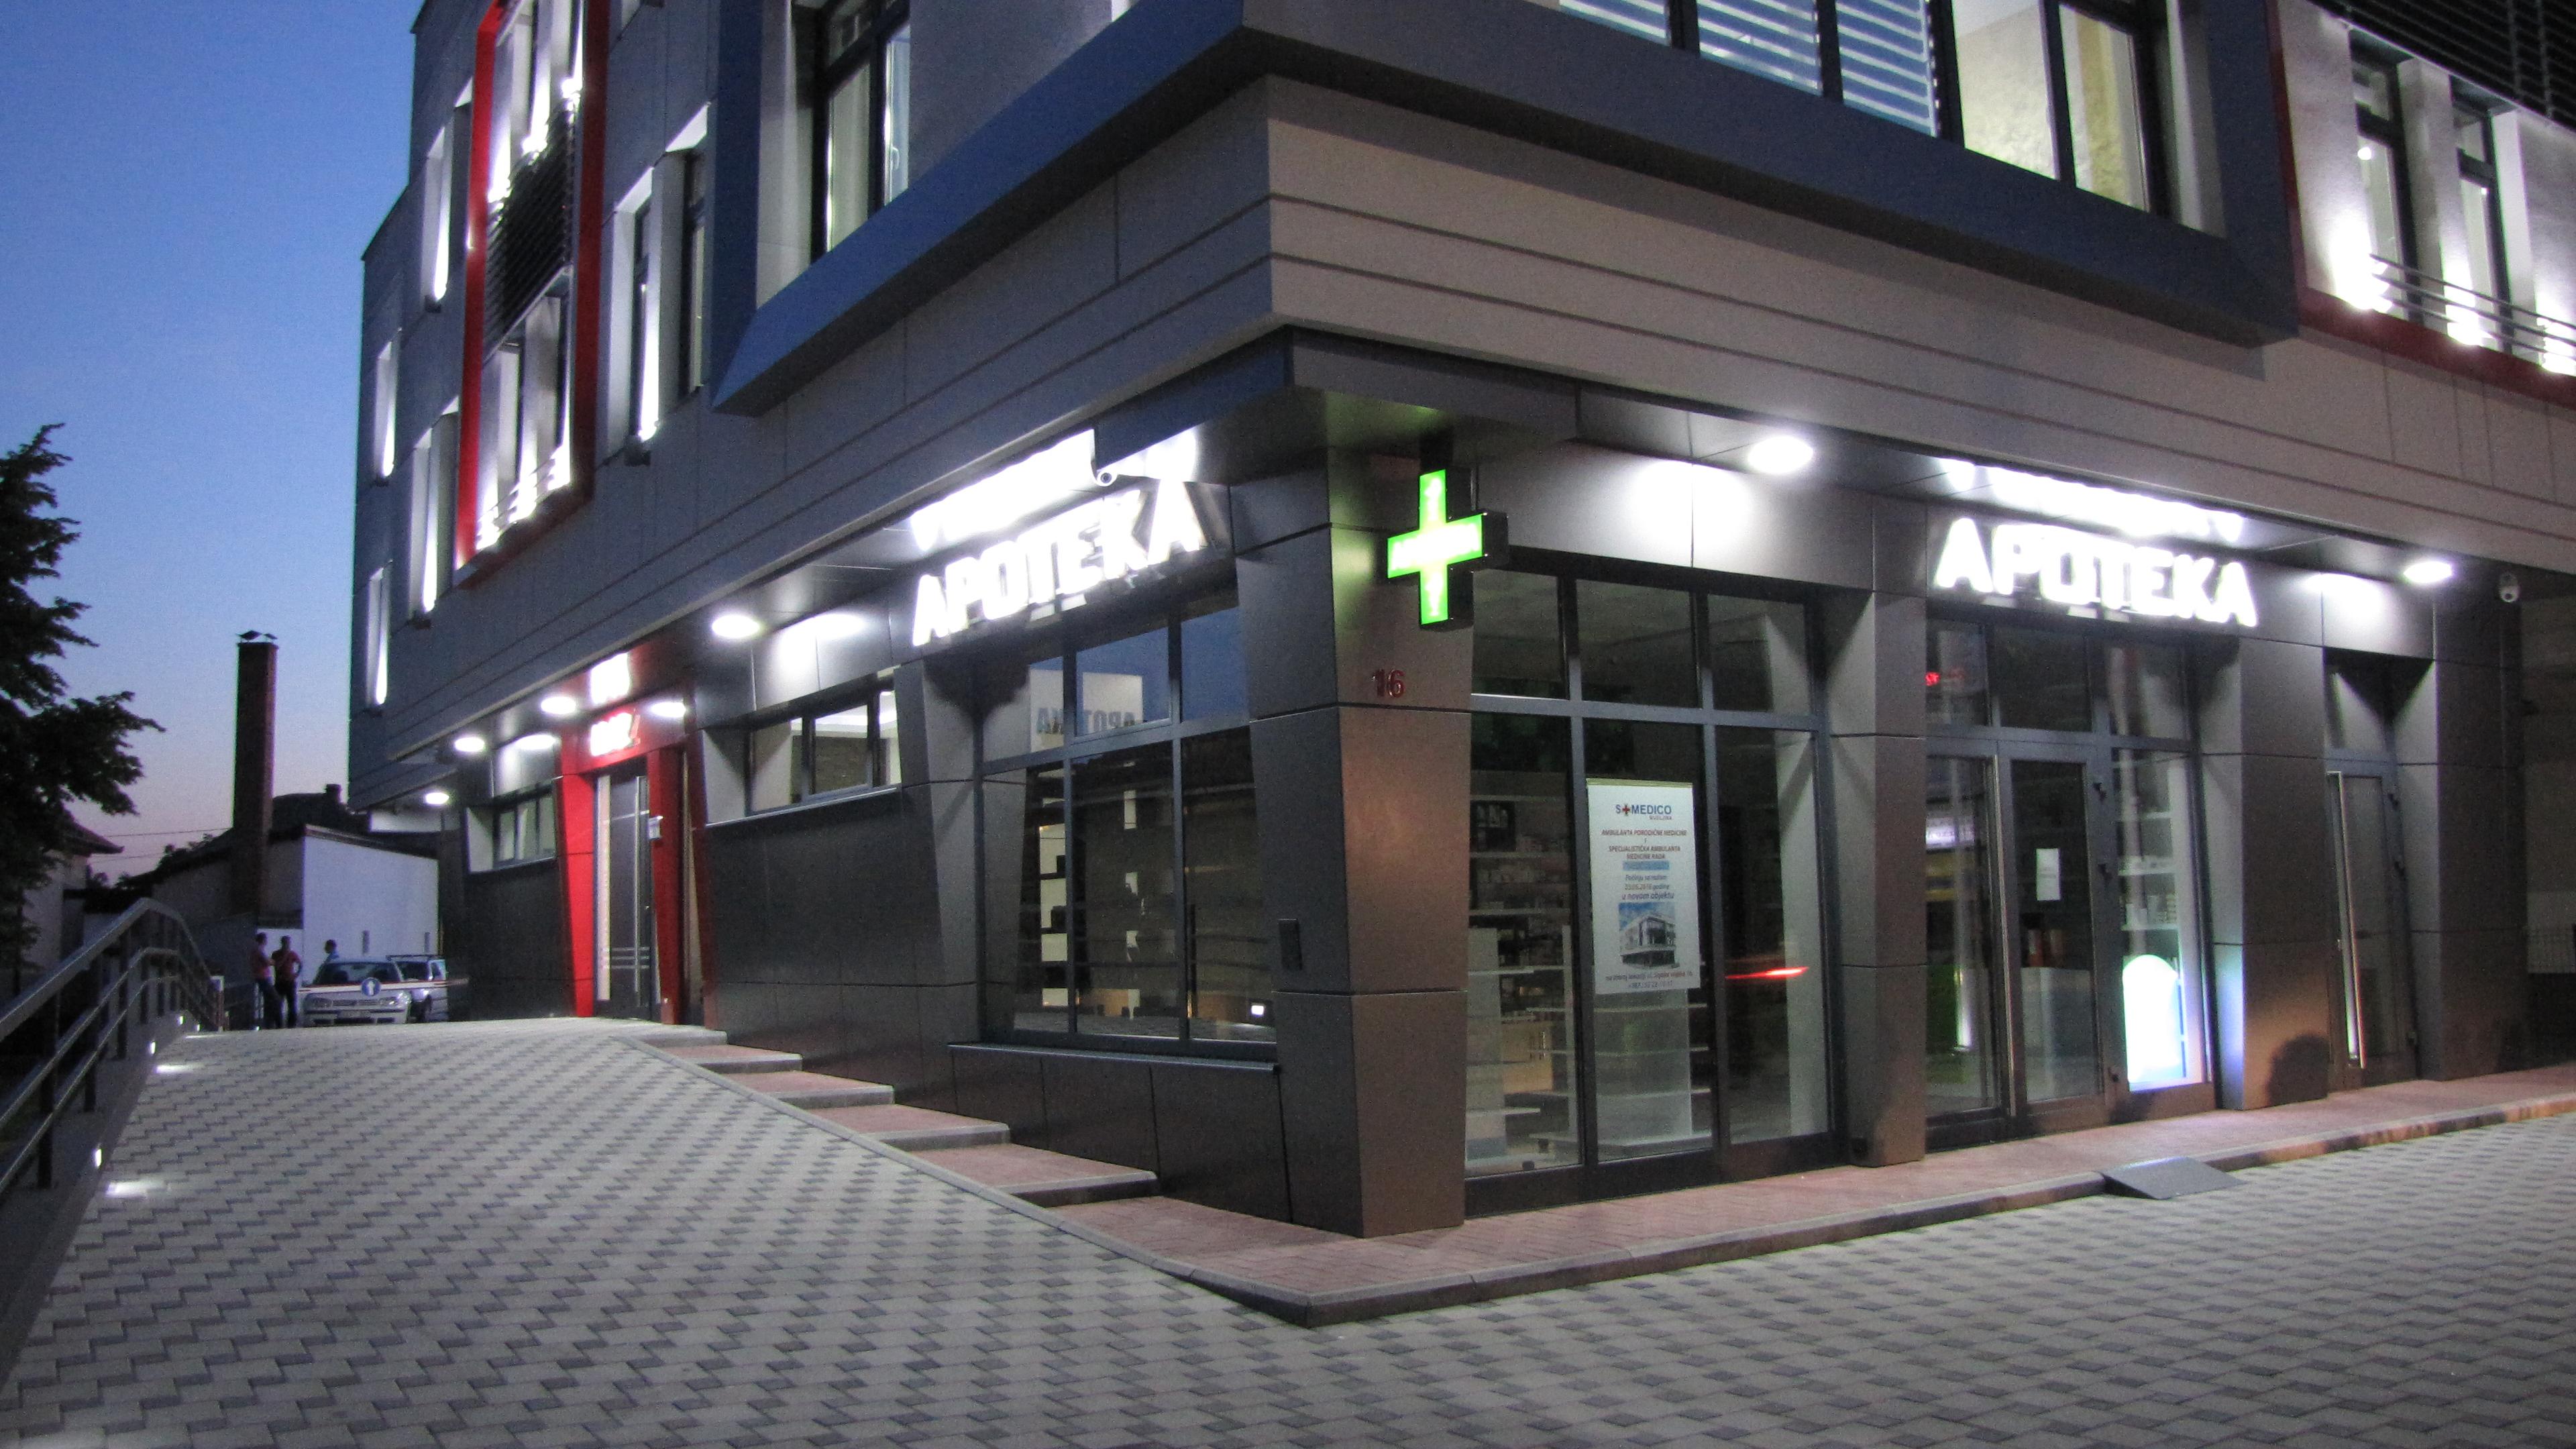 Specijalistički Centar S+Medico, Bijeljina